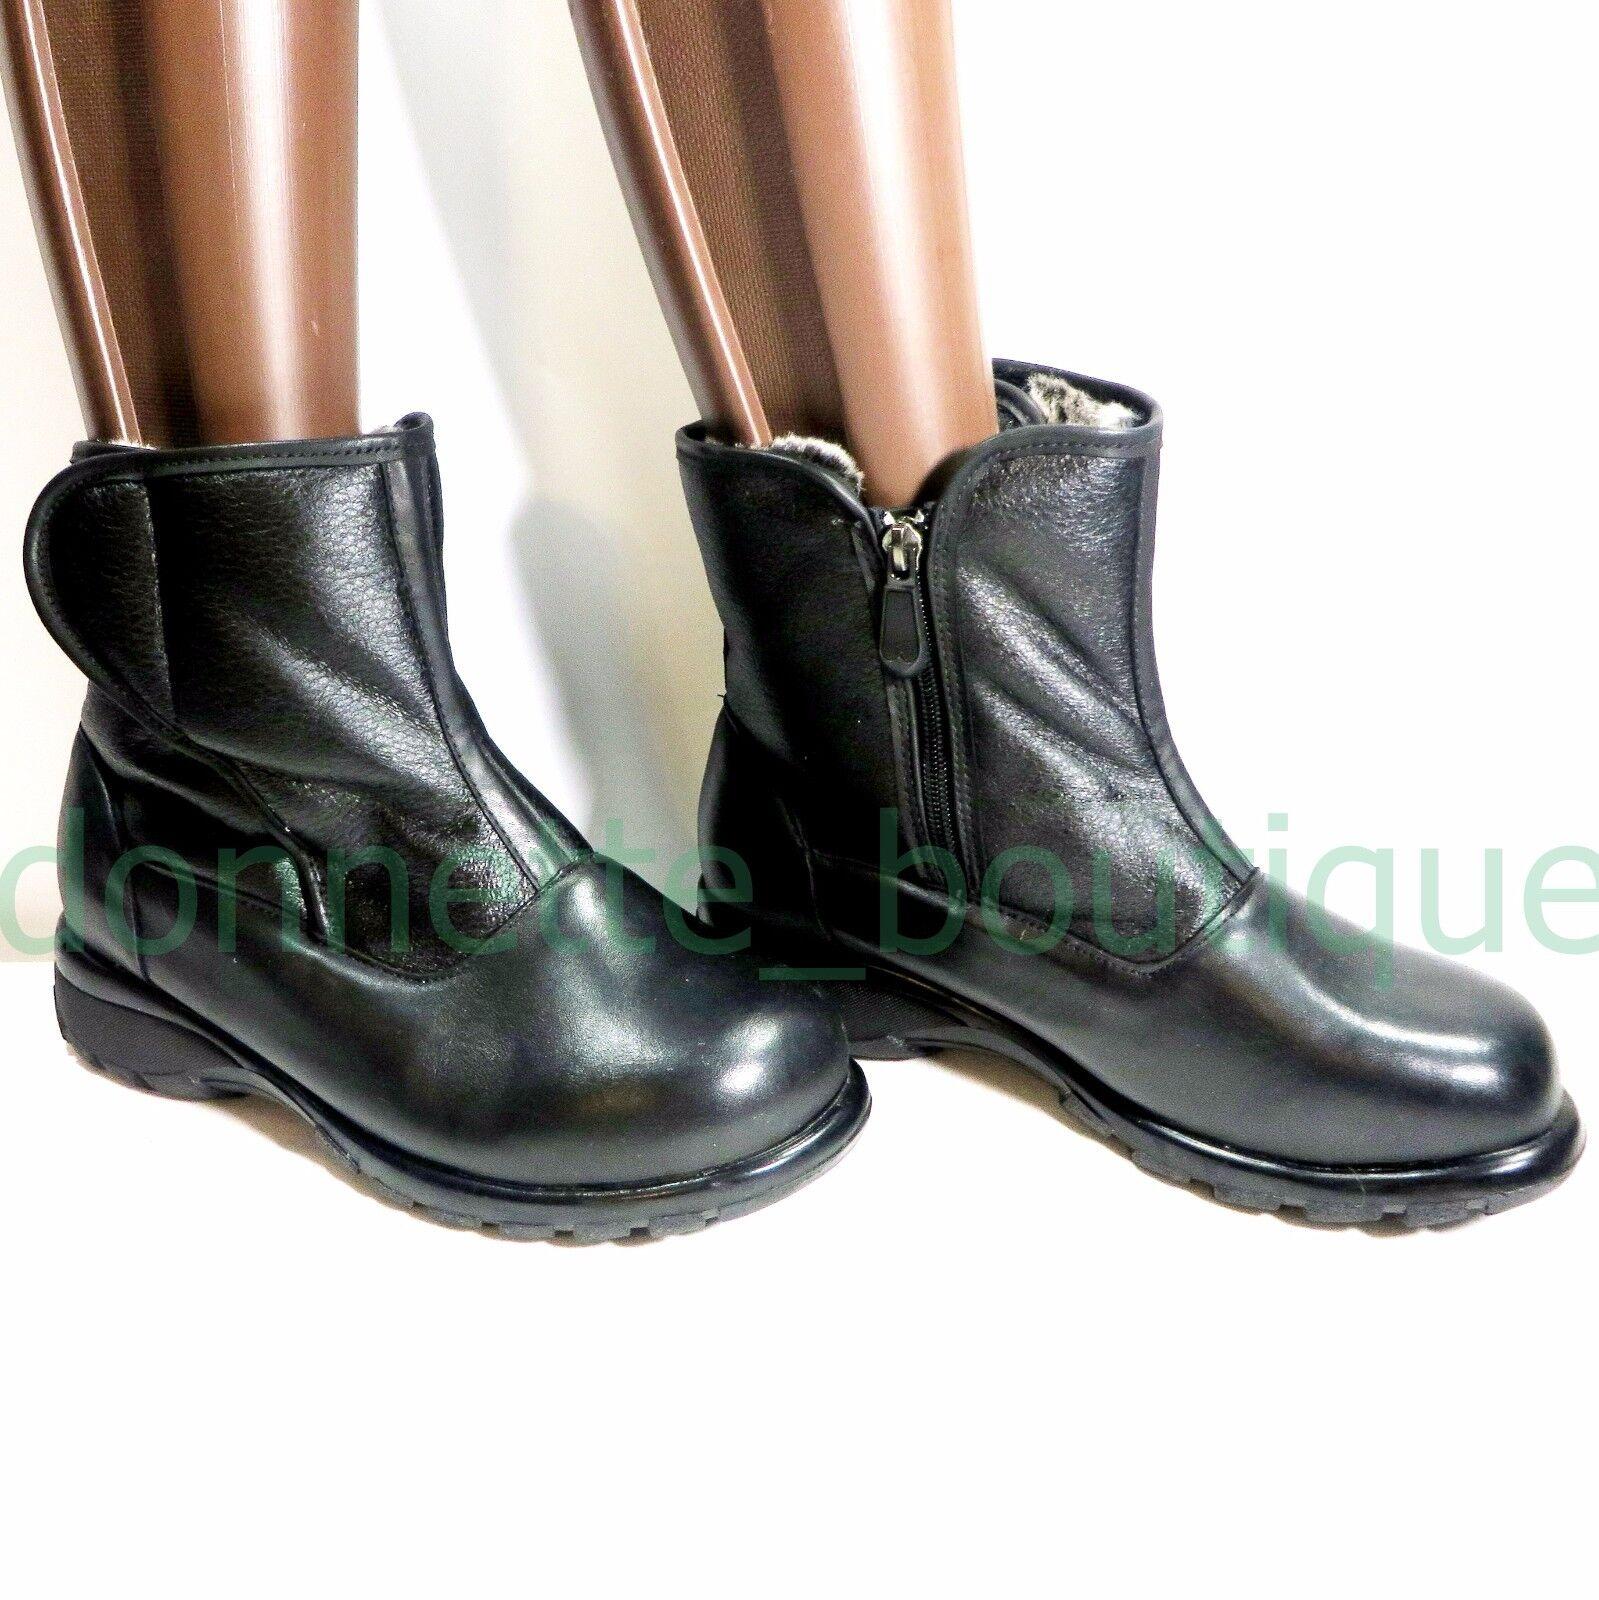 CLINIC EXTRA - CLAIRE  Damens Leder Faux Fur lined Stiefel   Größe 7 W EXUC